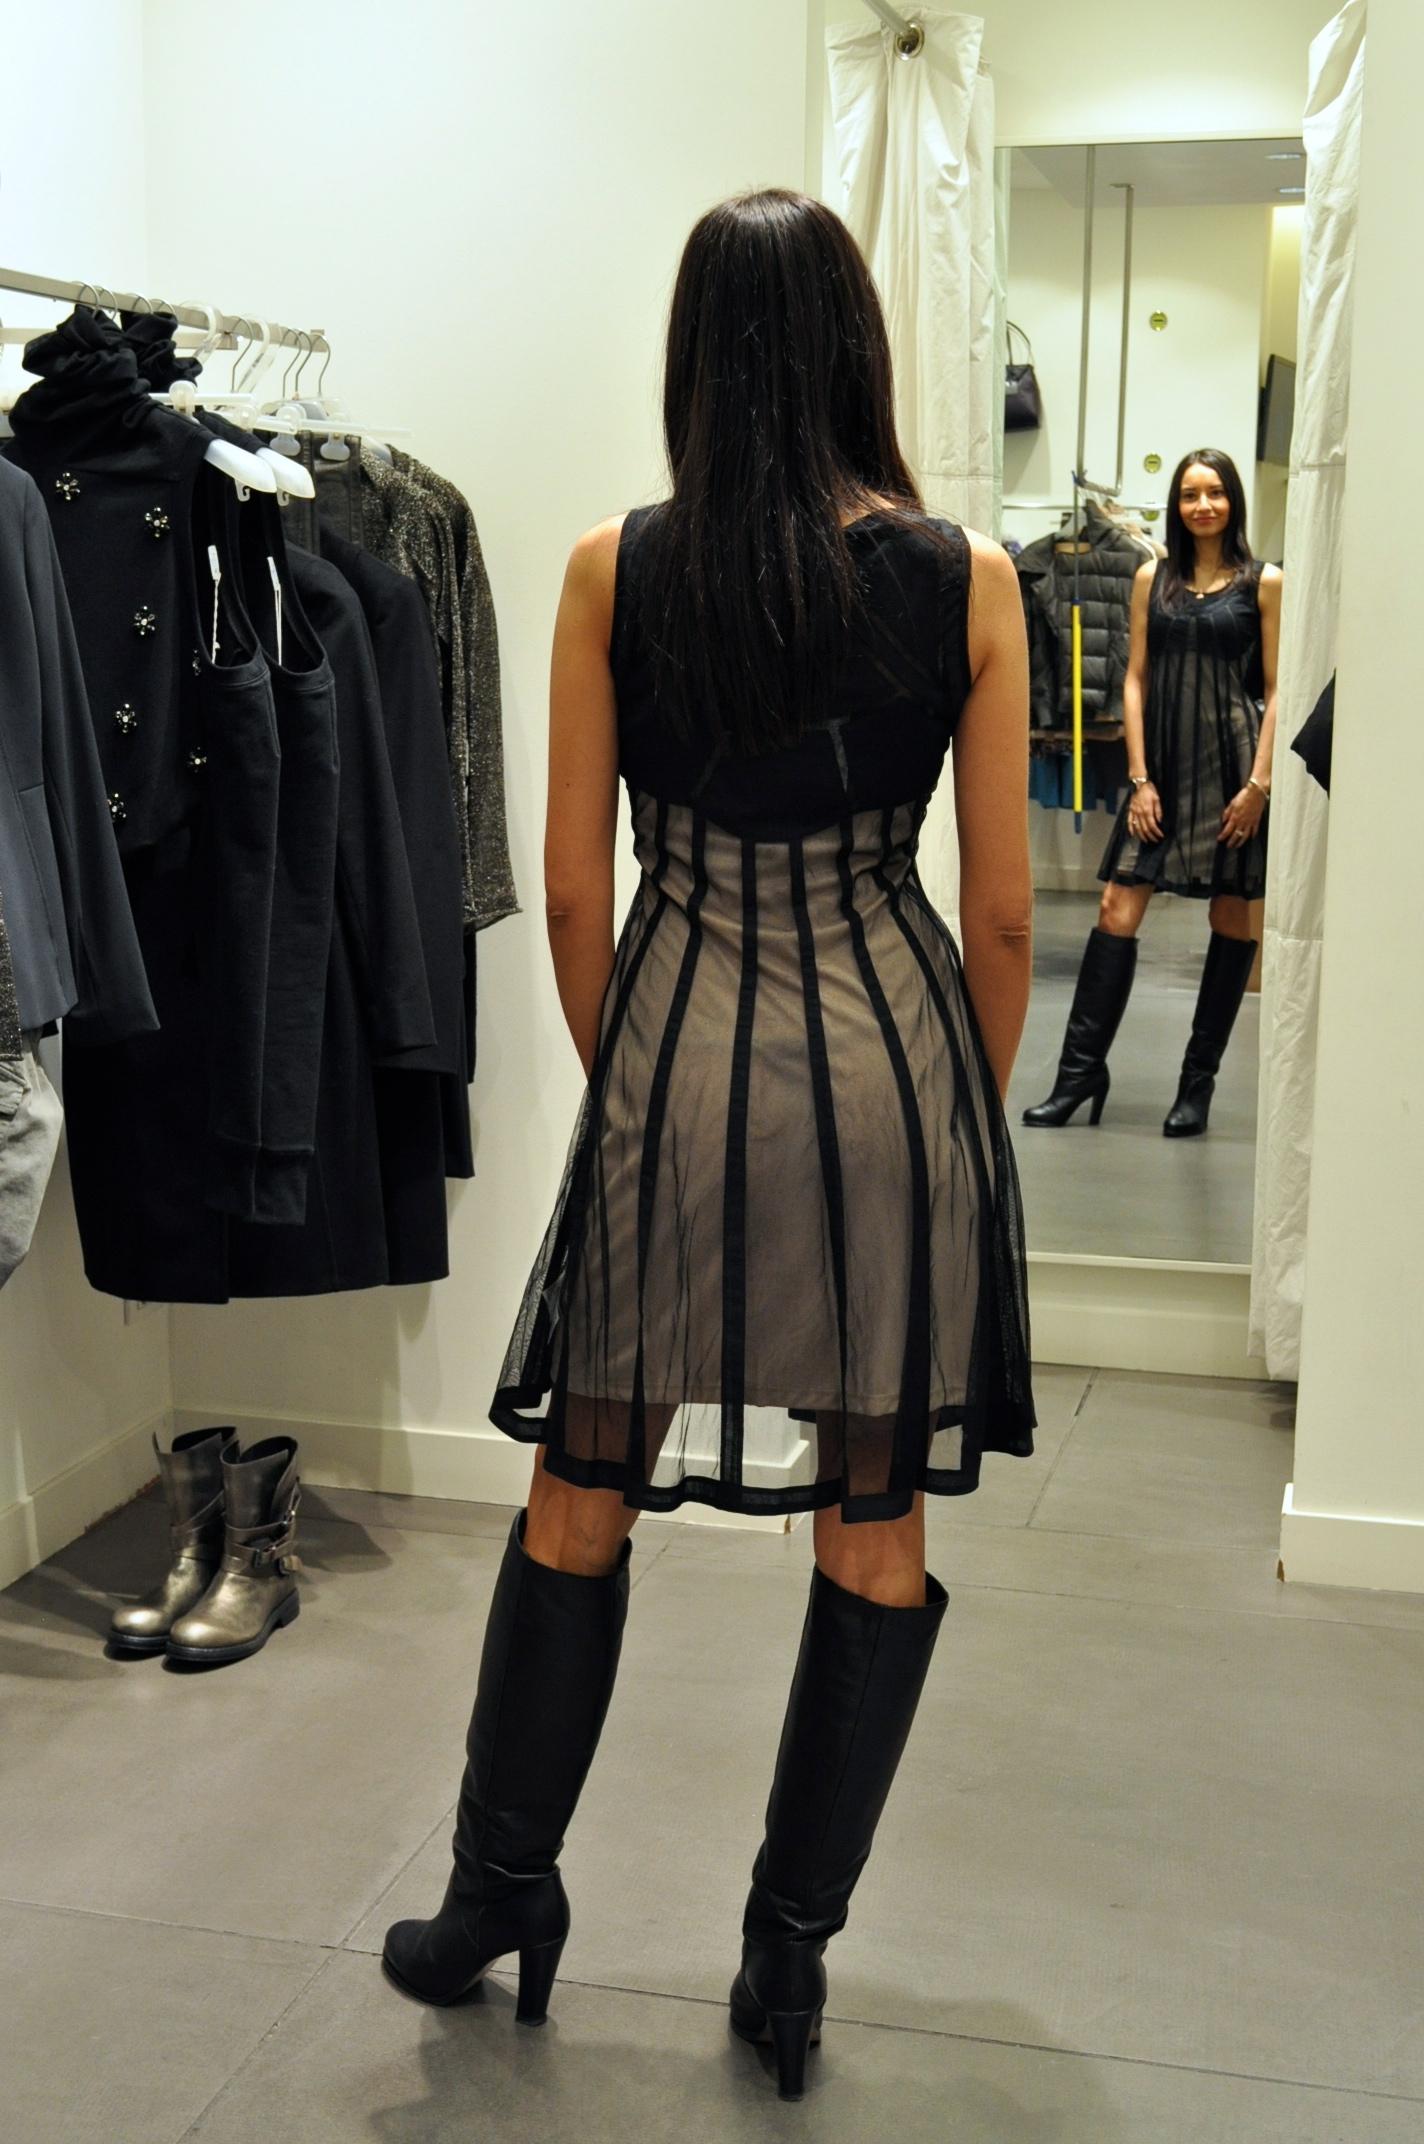 grazia-firenze-pennyblack-marella-iblues-twin-set-outfit-festa-compleanno